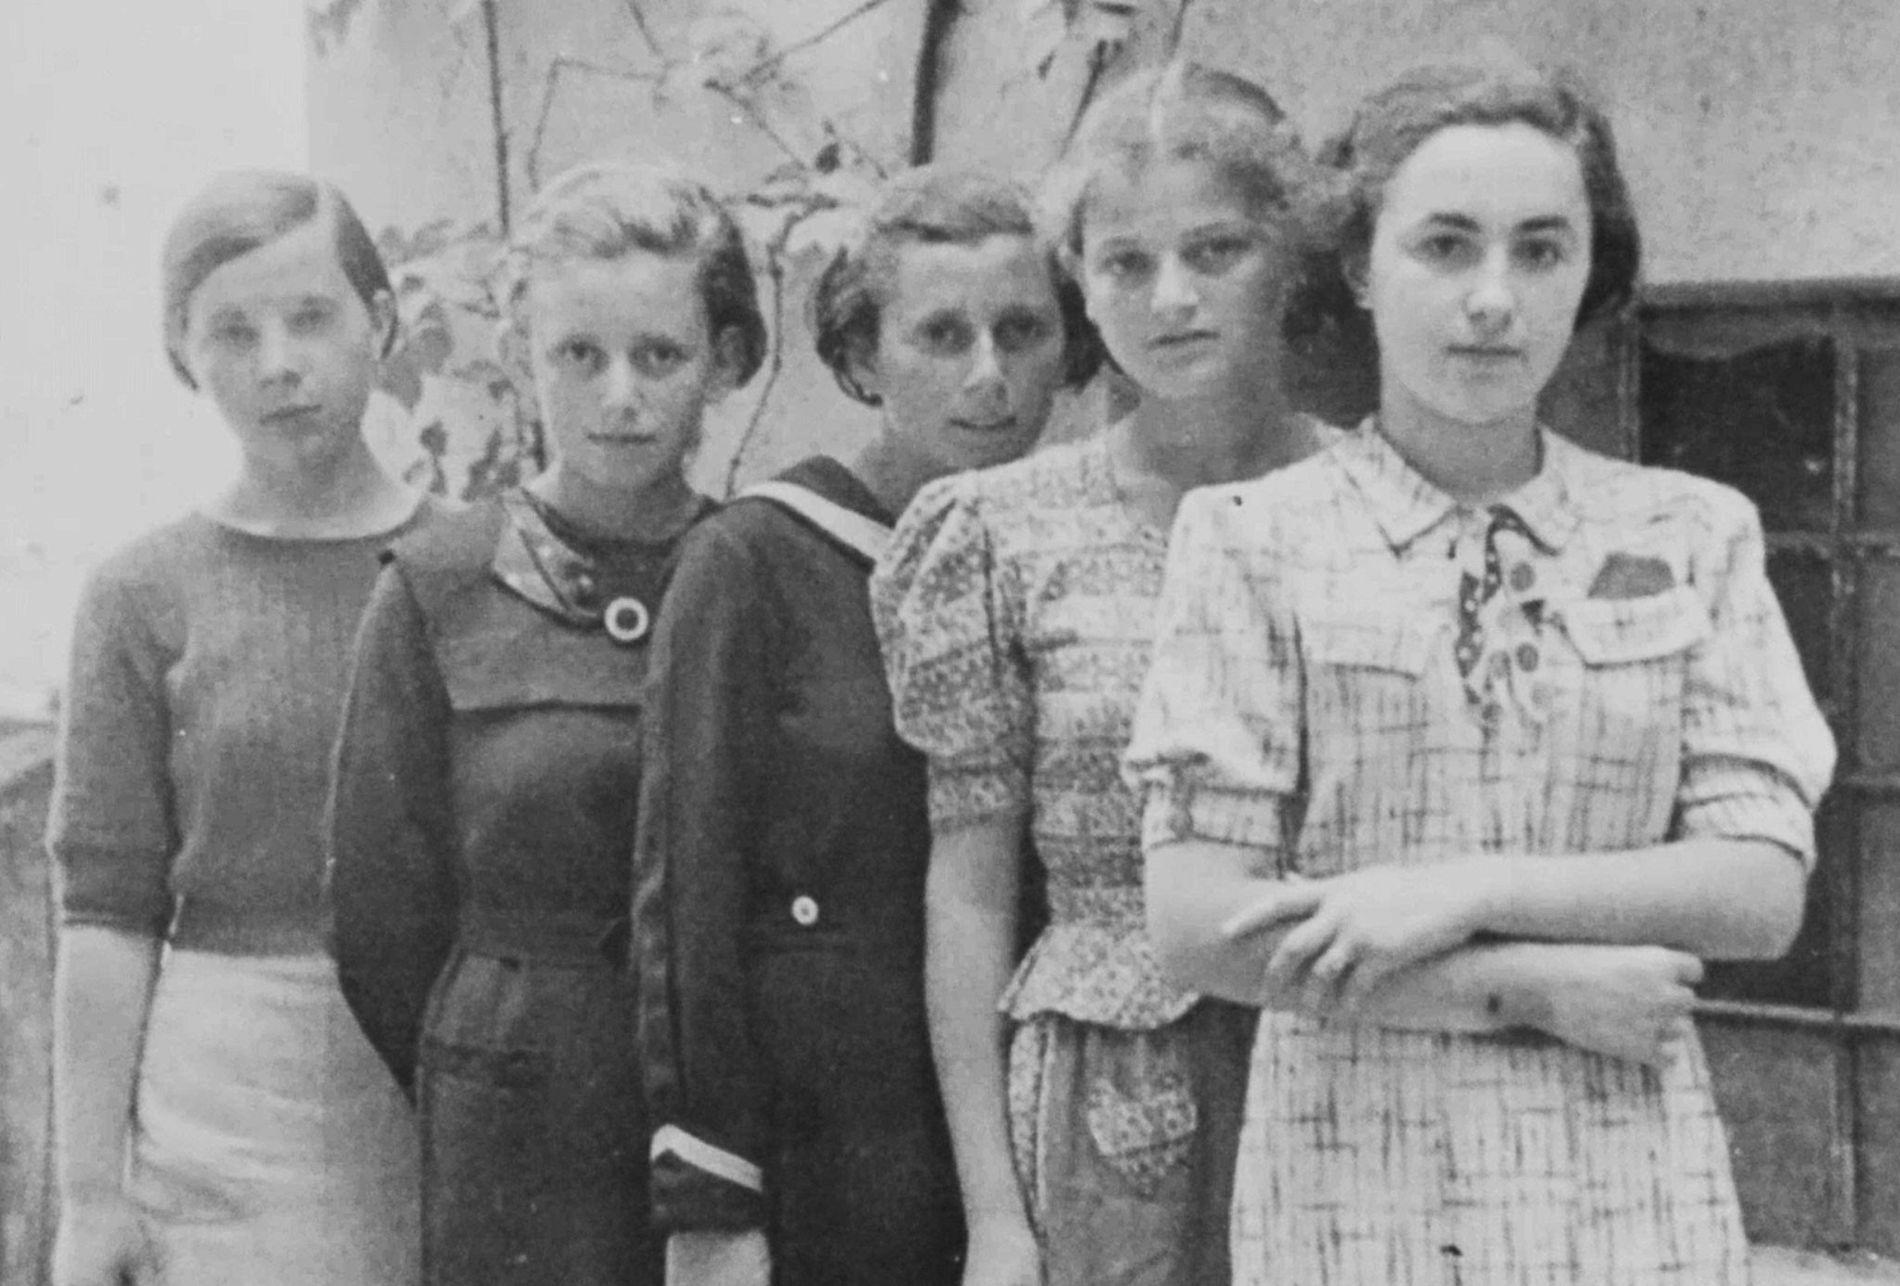 Sabe-se que duas das cinco meninas nesta fotografia — tirada em Humenné, Eslováquia, por volta de ...